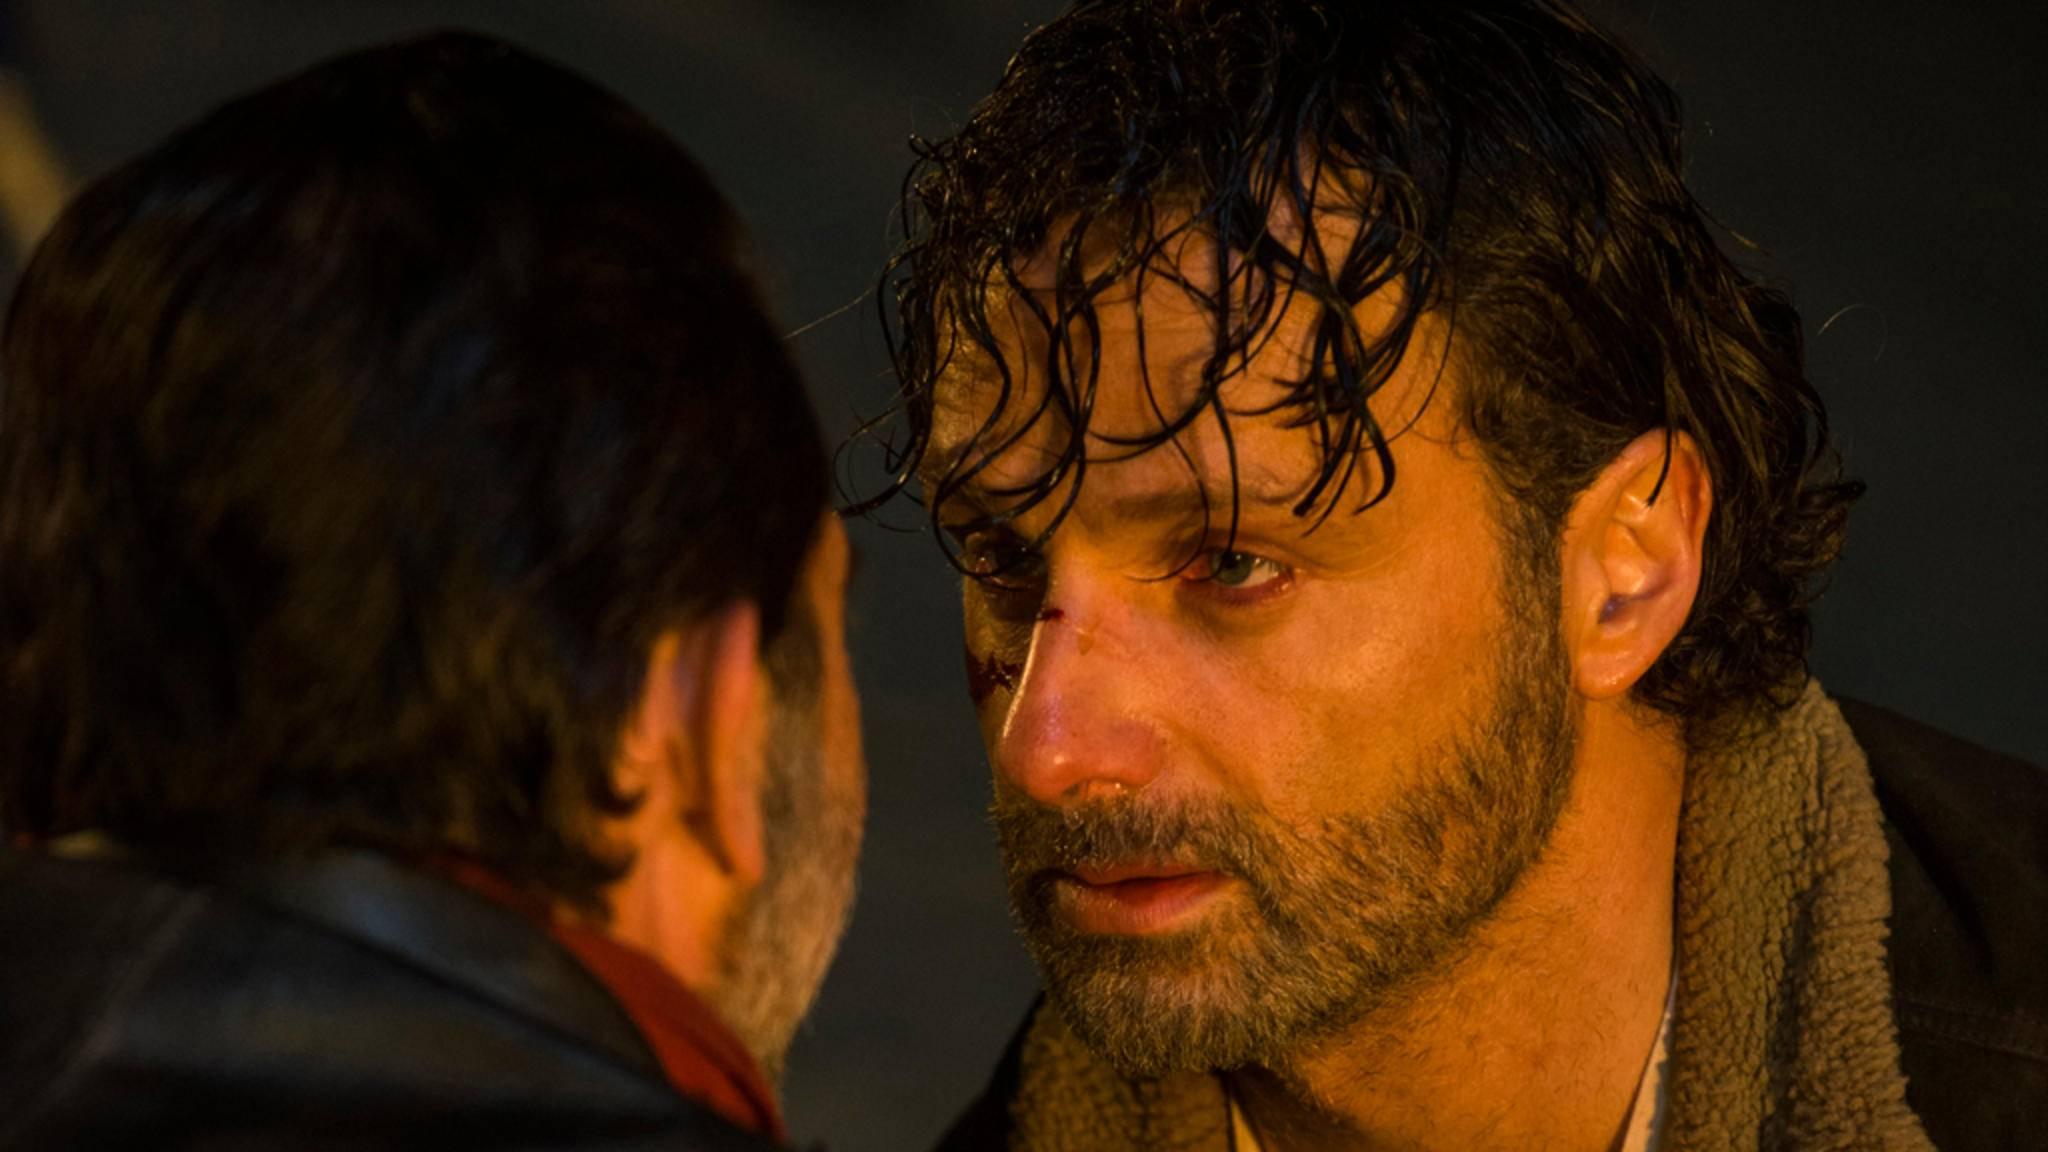 """Bevor """"The Walking Dead"""" mit Staffel 8 im kommenden Jahr durchstartet, erfahren wir am 23. Oktober endlich, wie es zwischen Negan und Rick weitergeht."""